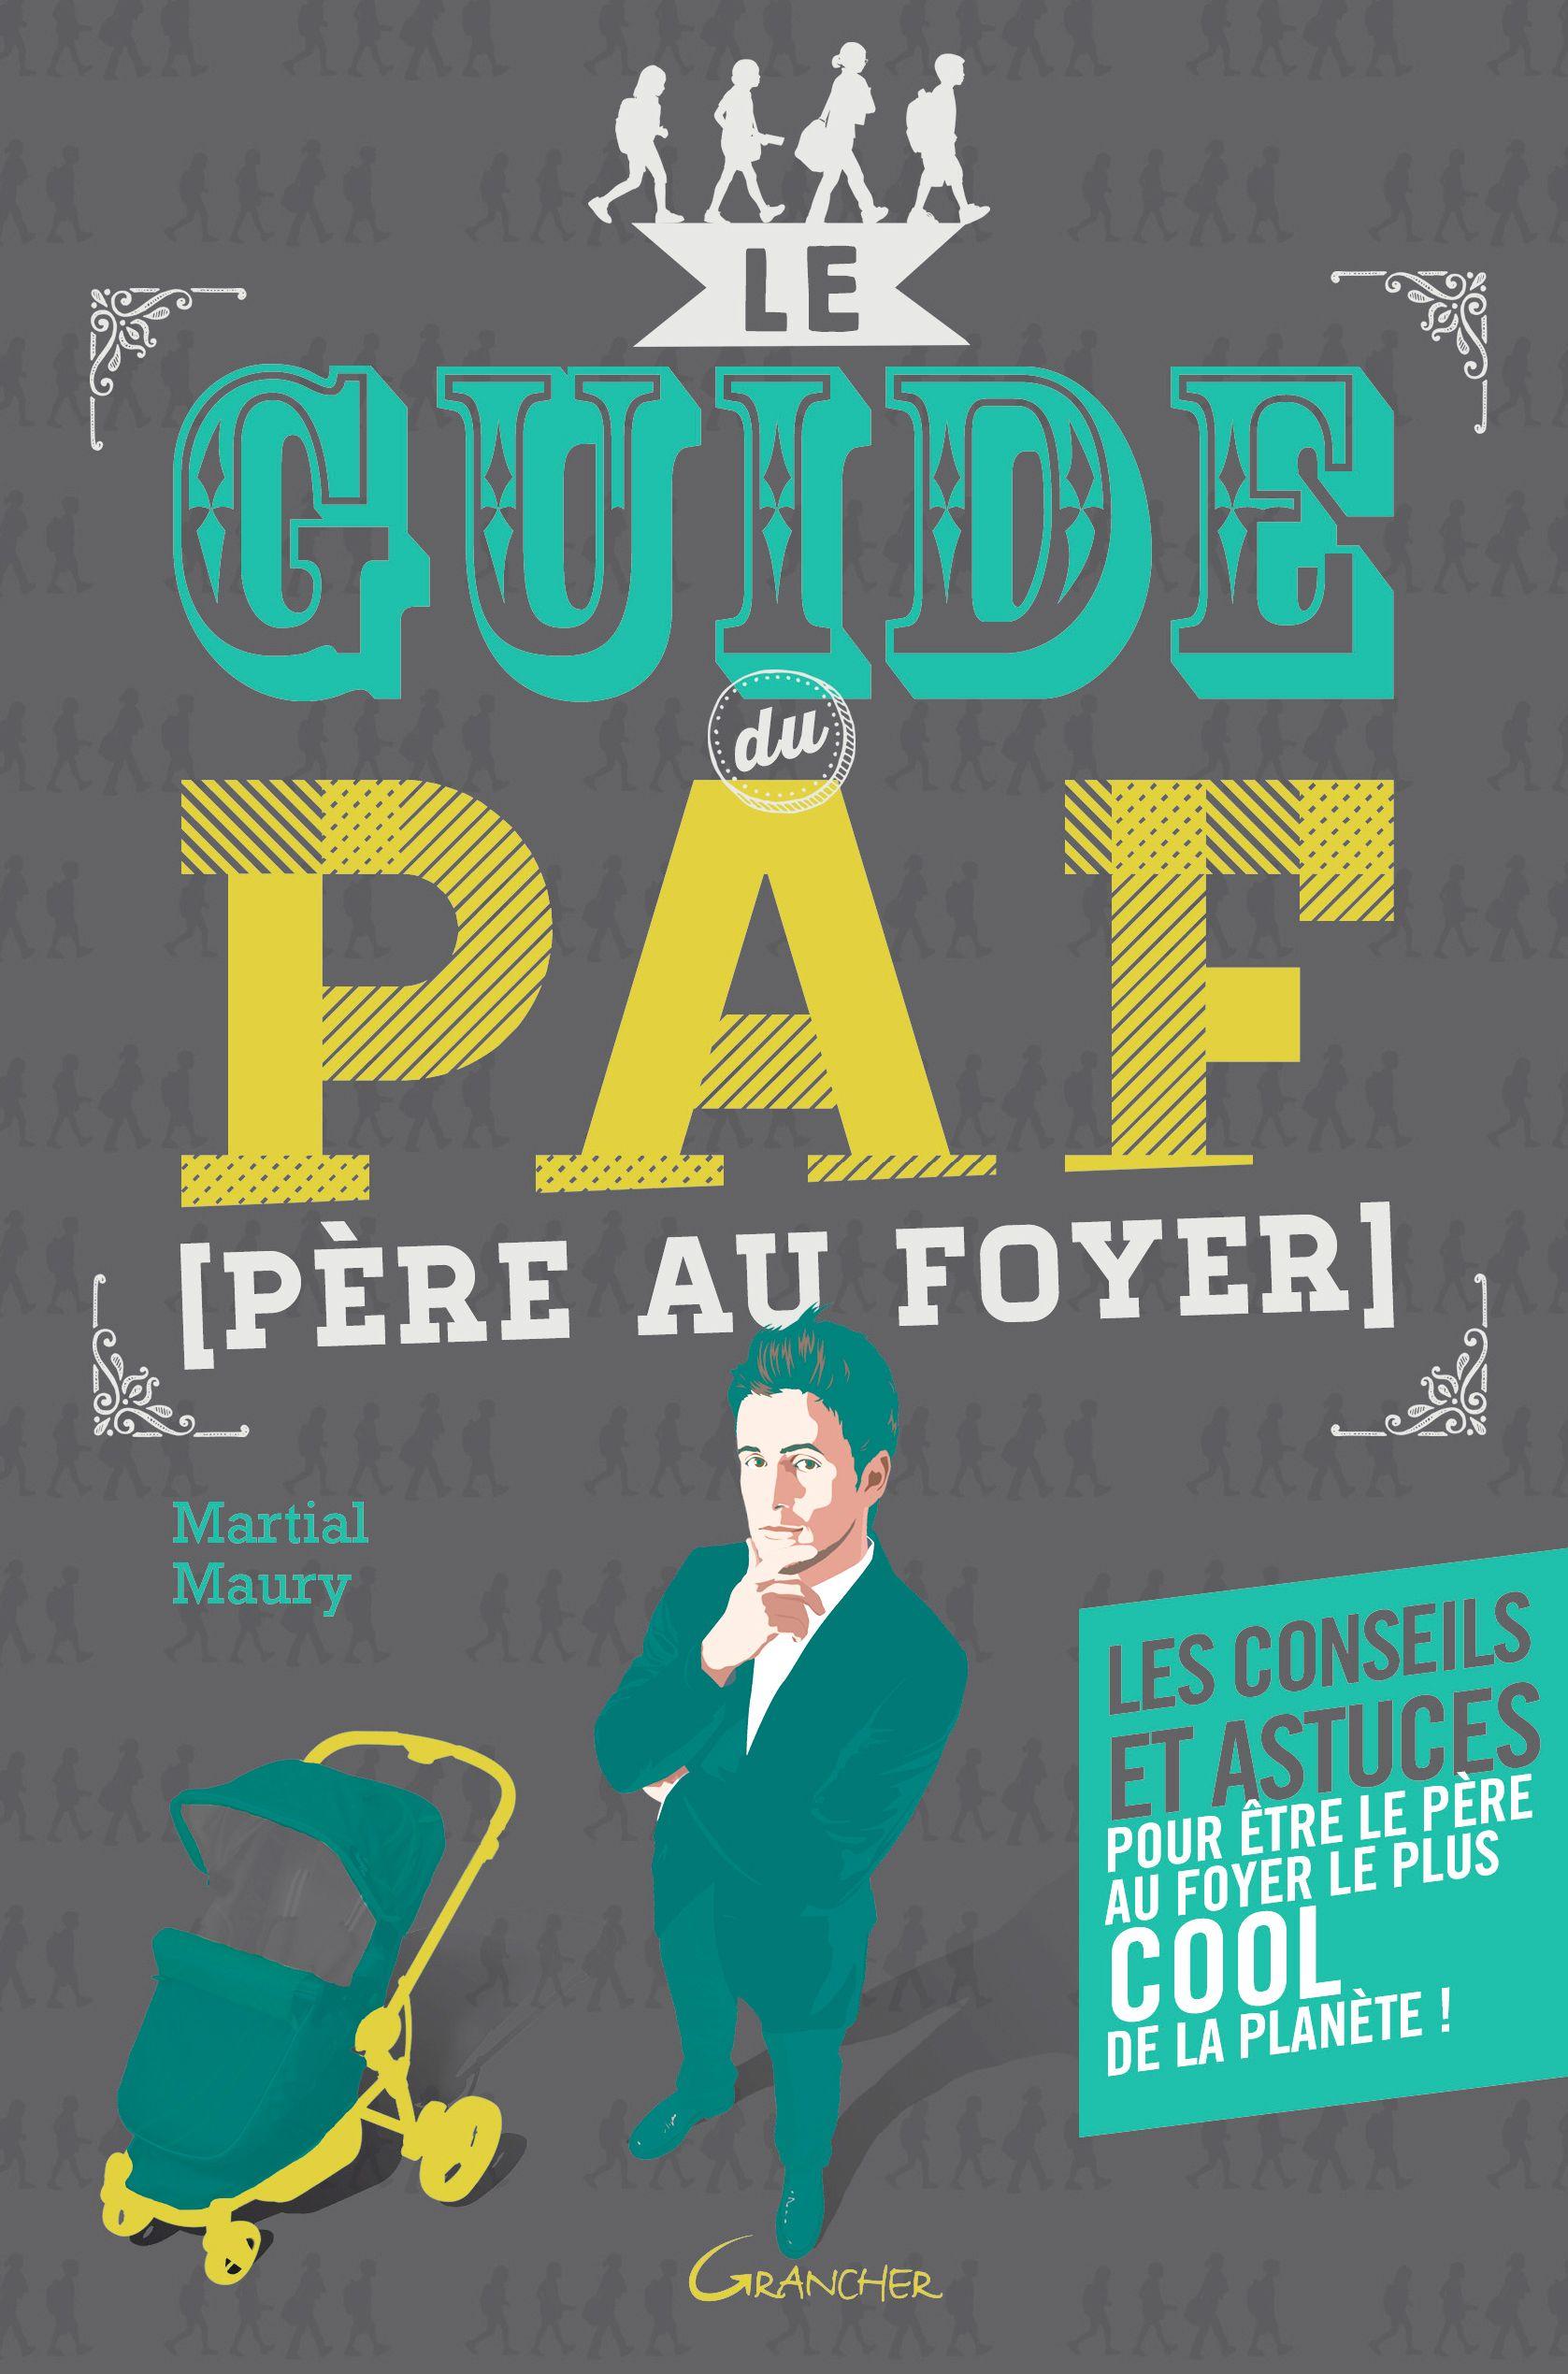 Le Guide Du Paf Pere Au Foyer De Martial Maury